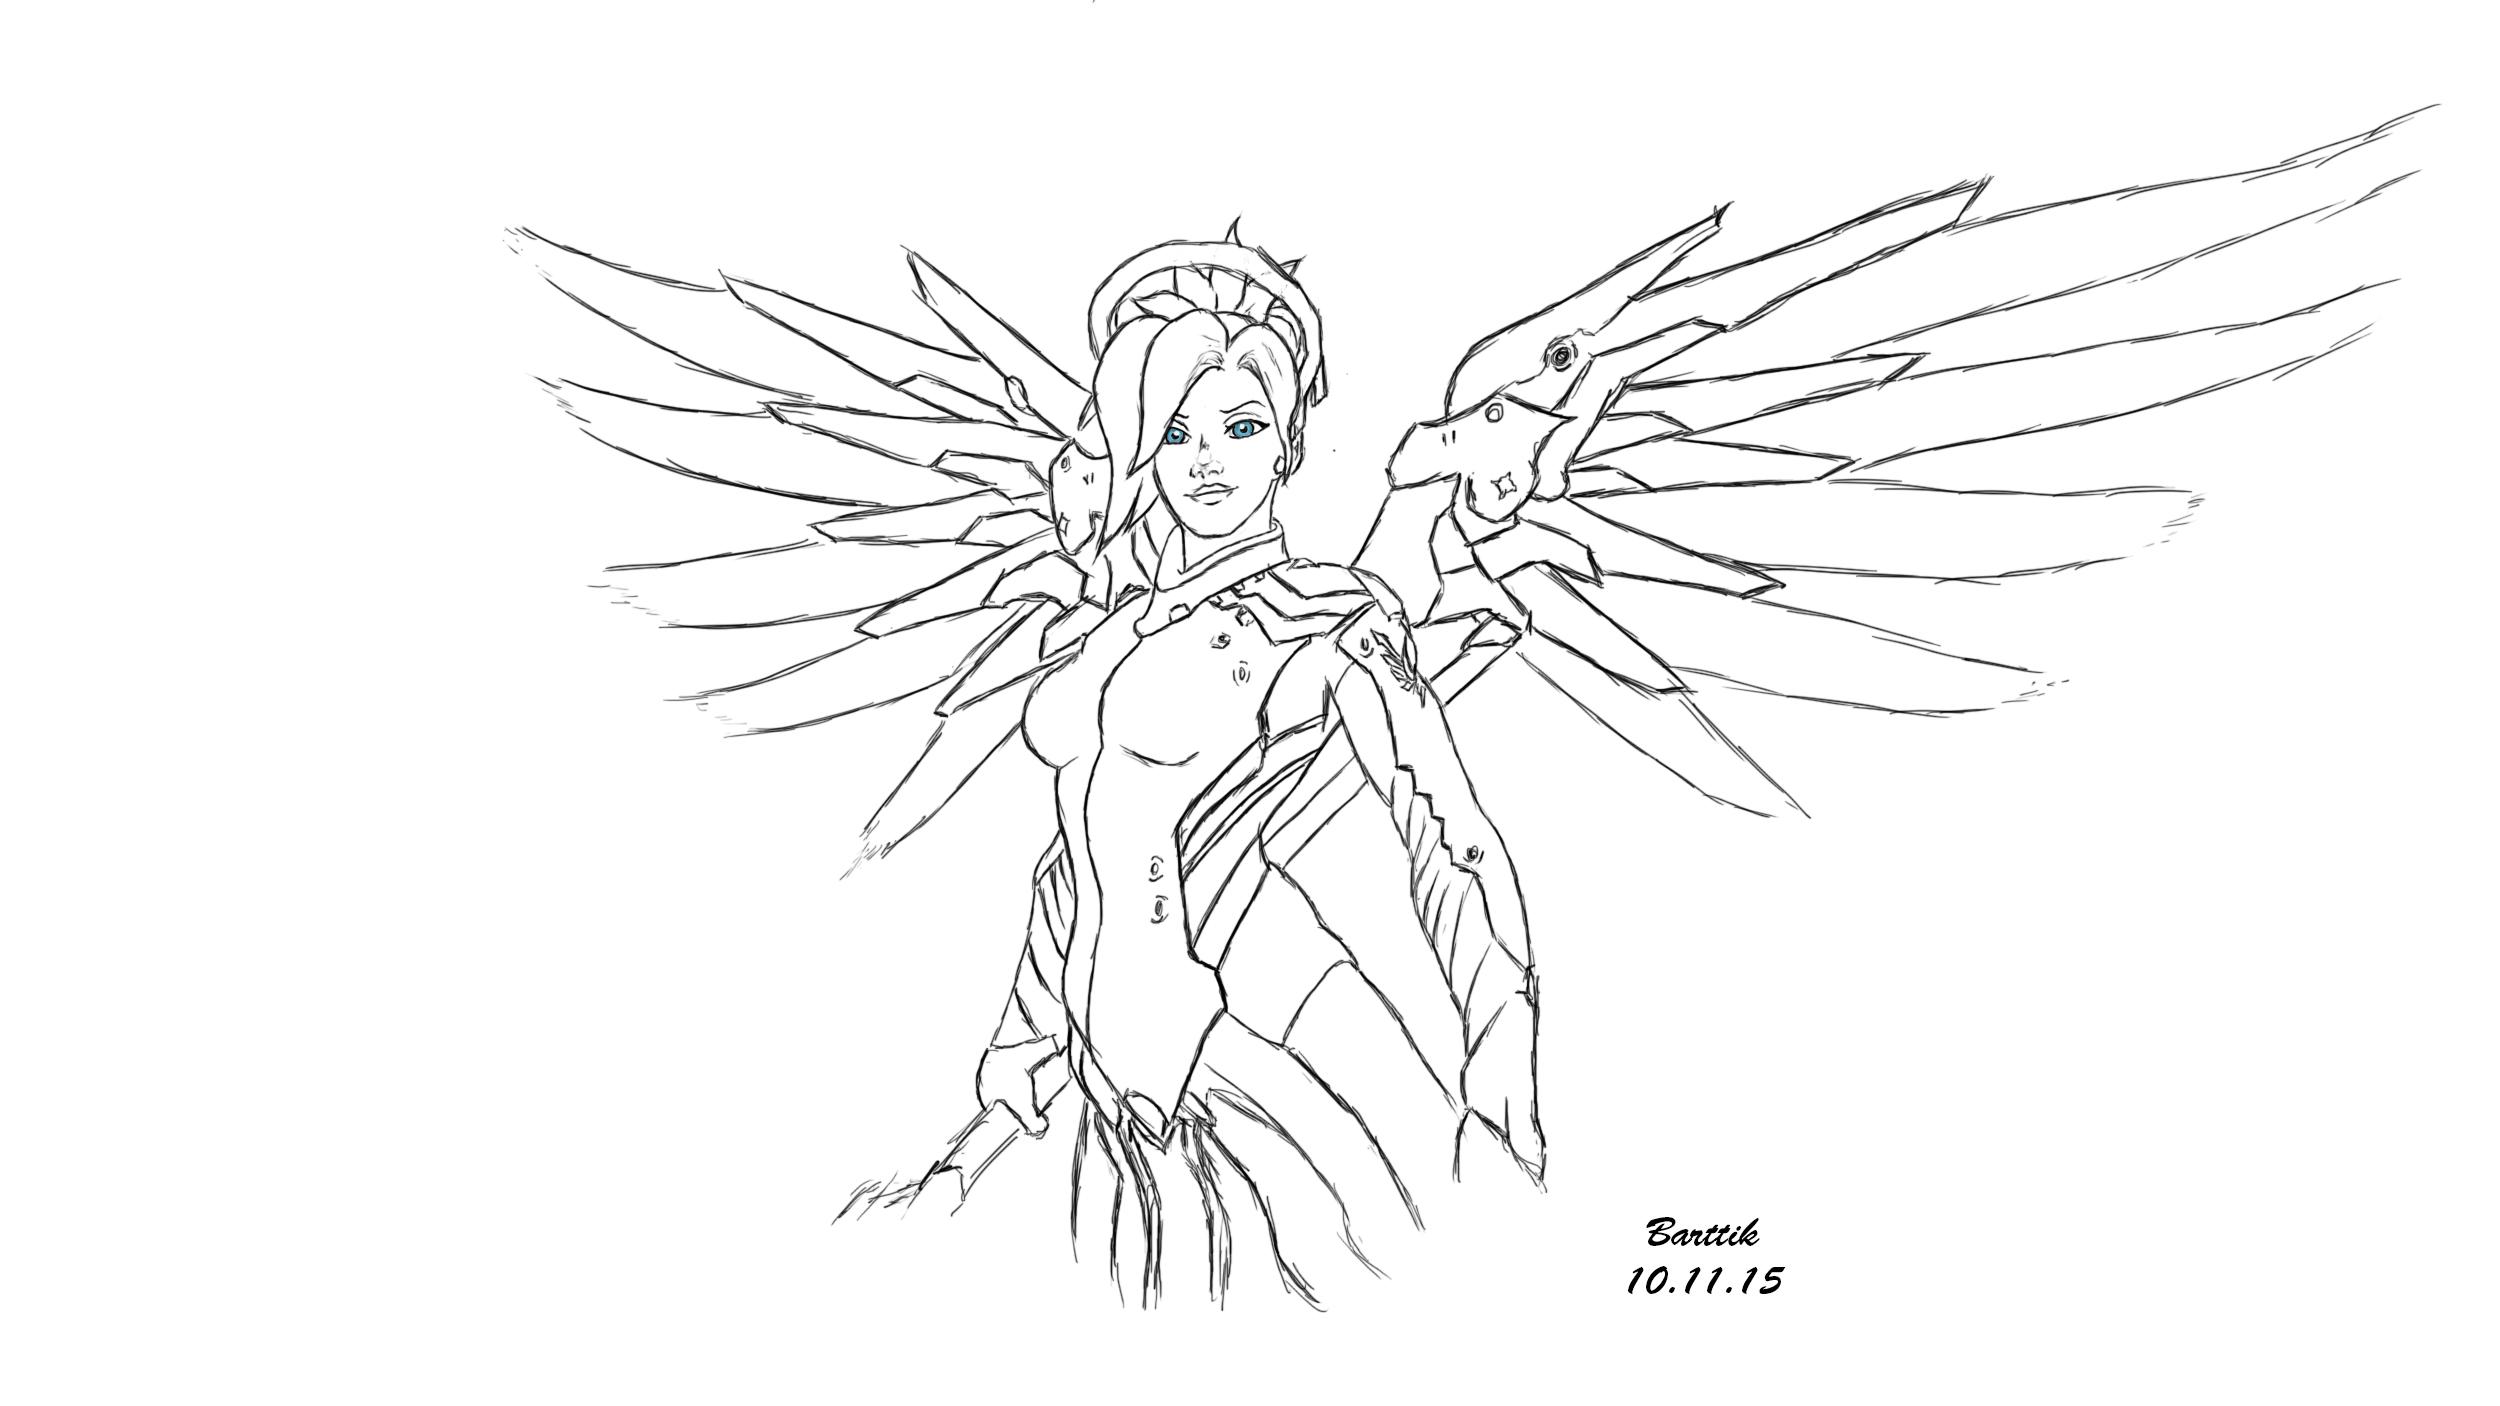 Line Art Reddit : Mercy overwatch by barttik on deviantart